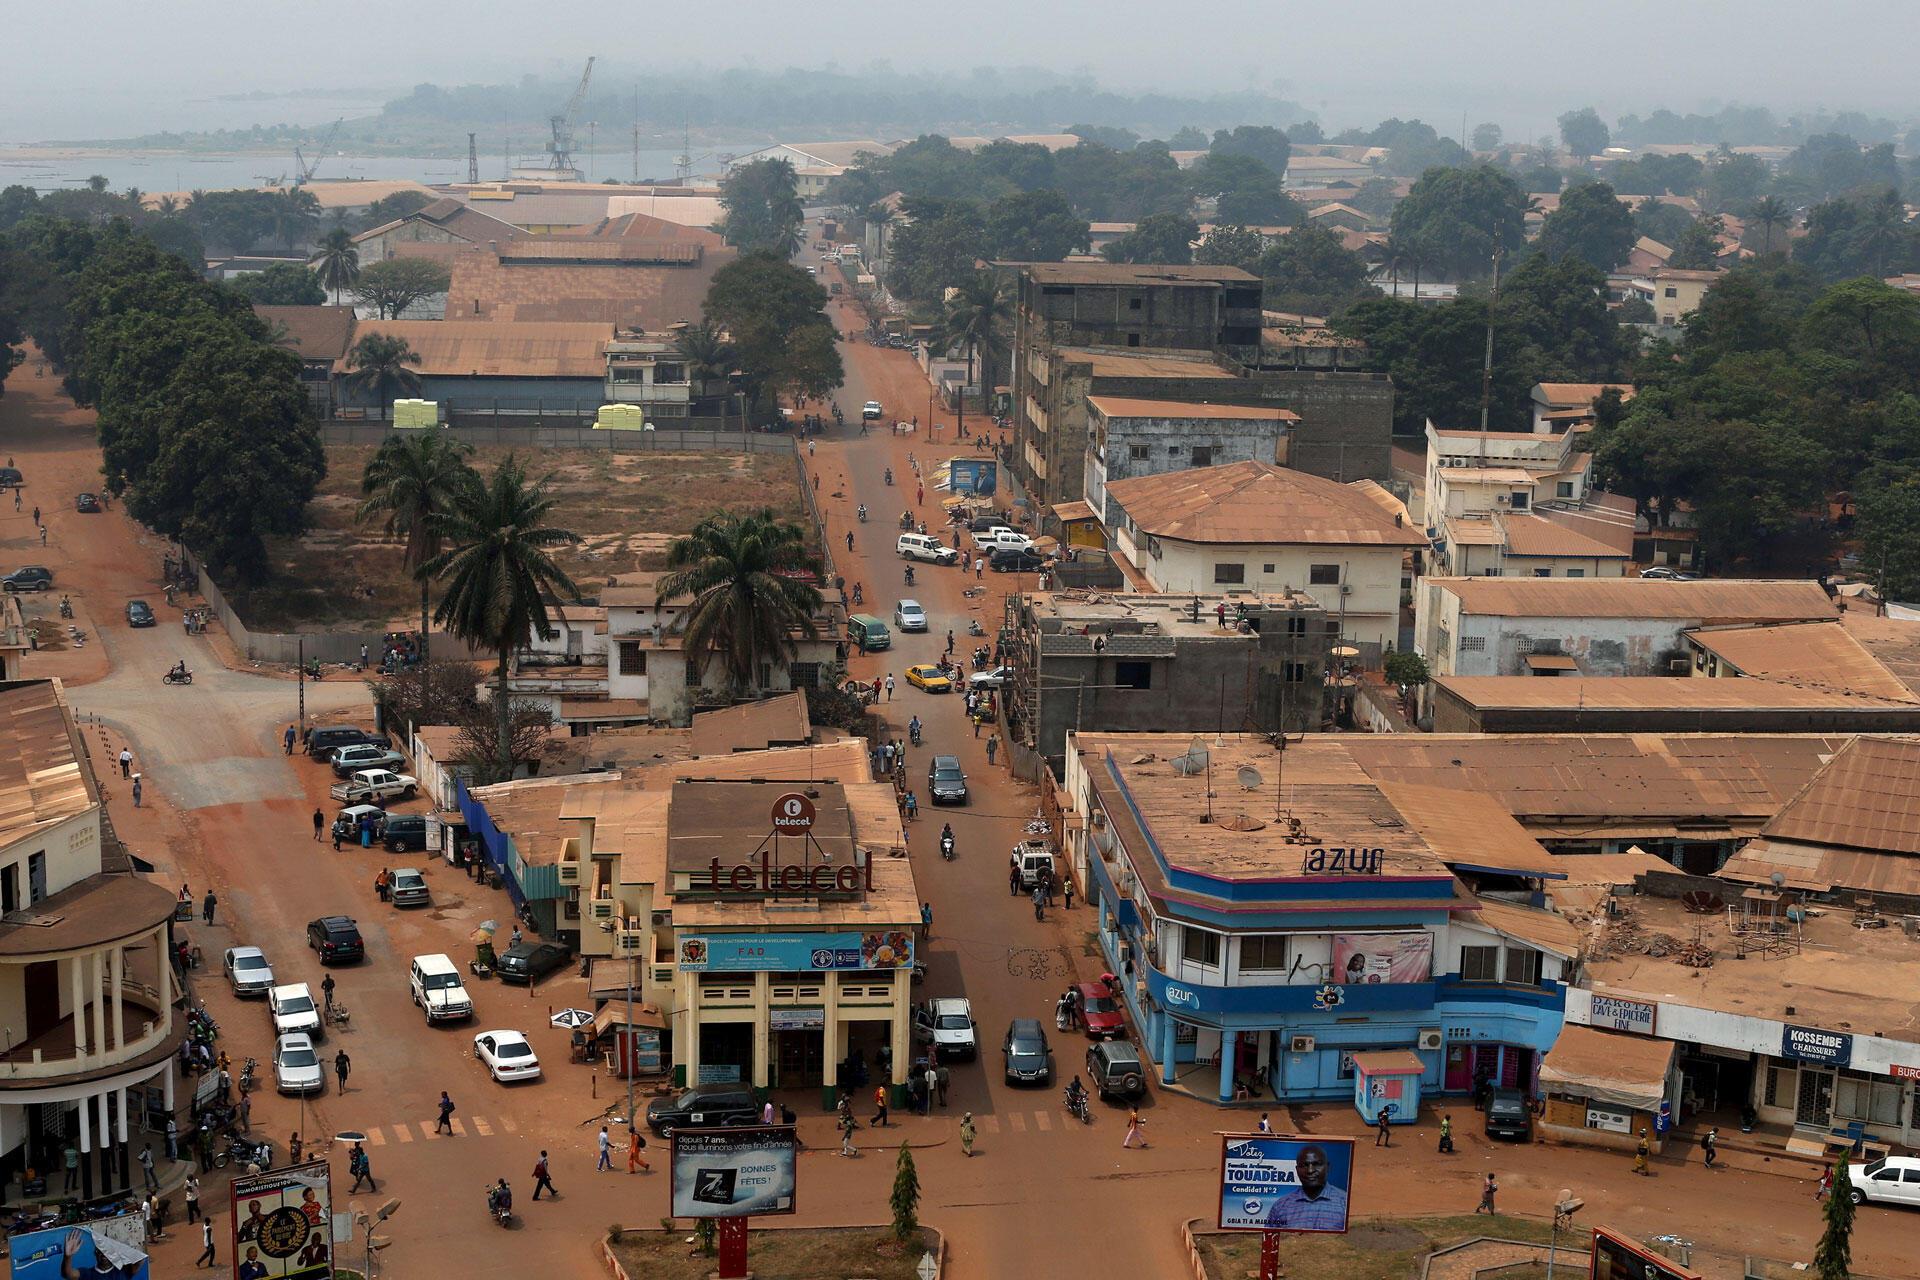 Mji mkuu wa Jamhuri ya Afrika ya Kati, Bangui.